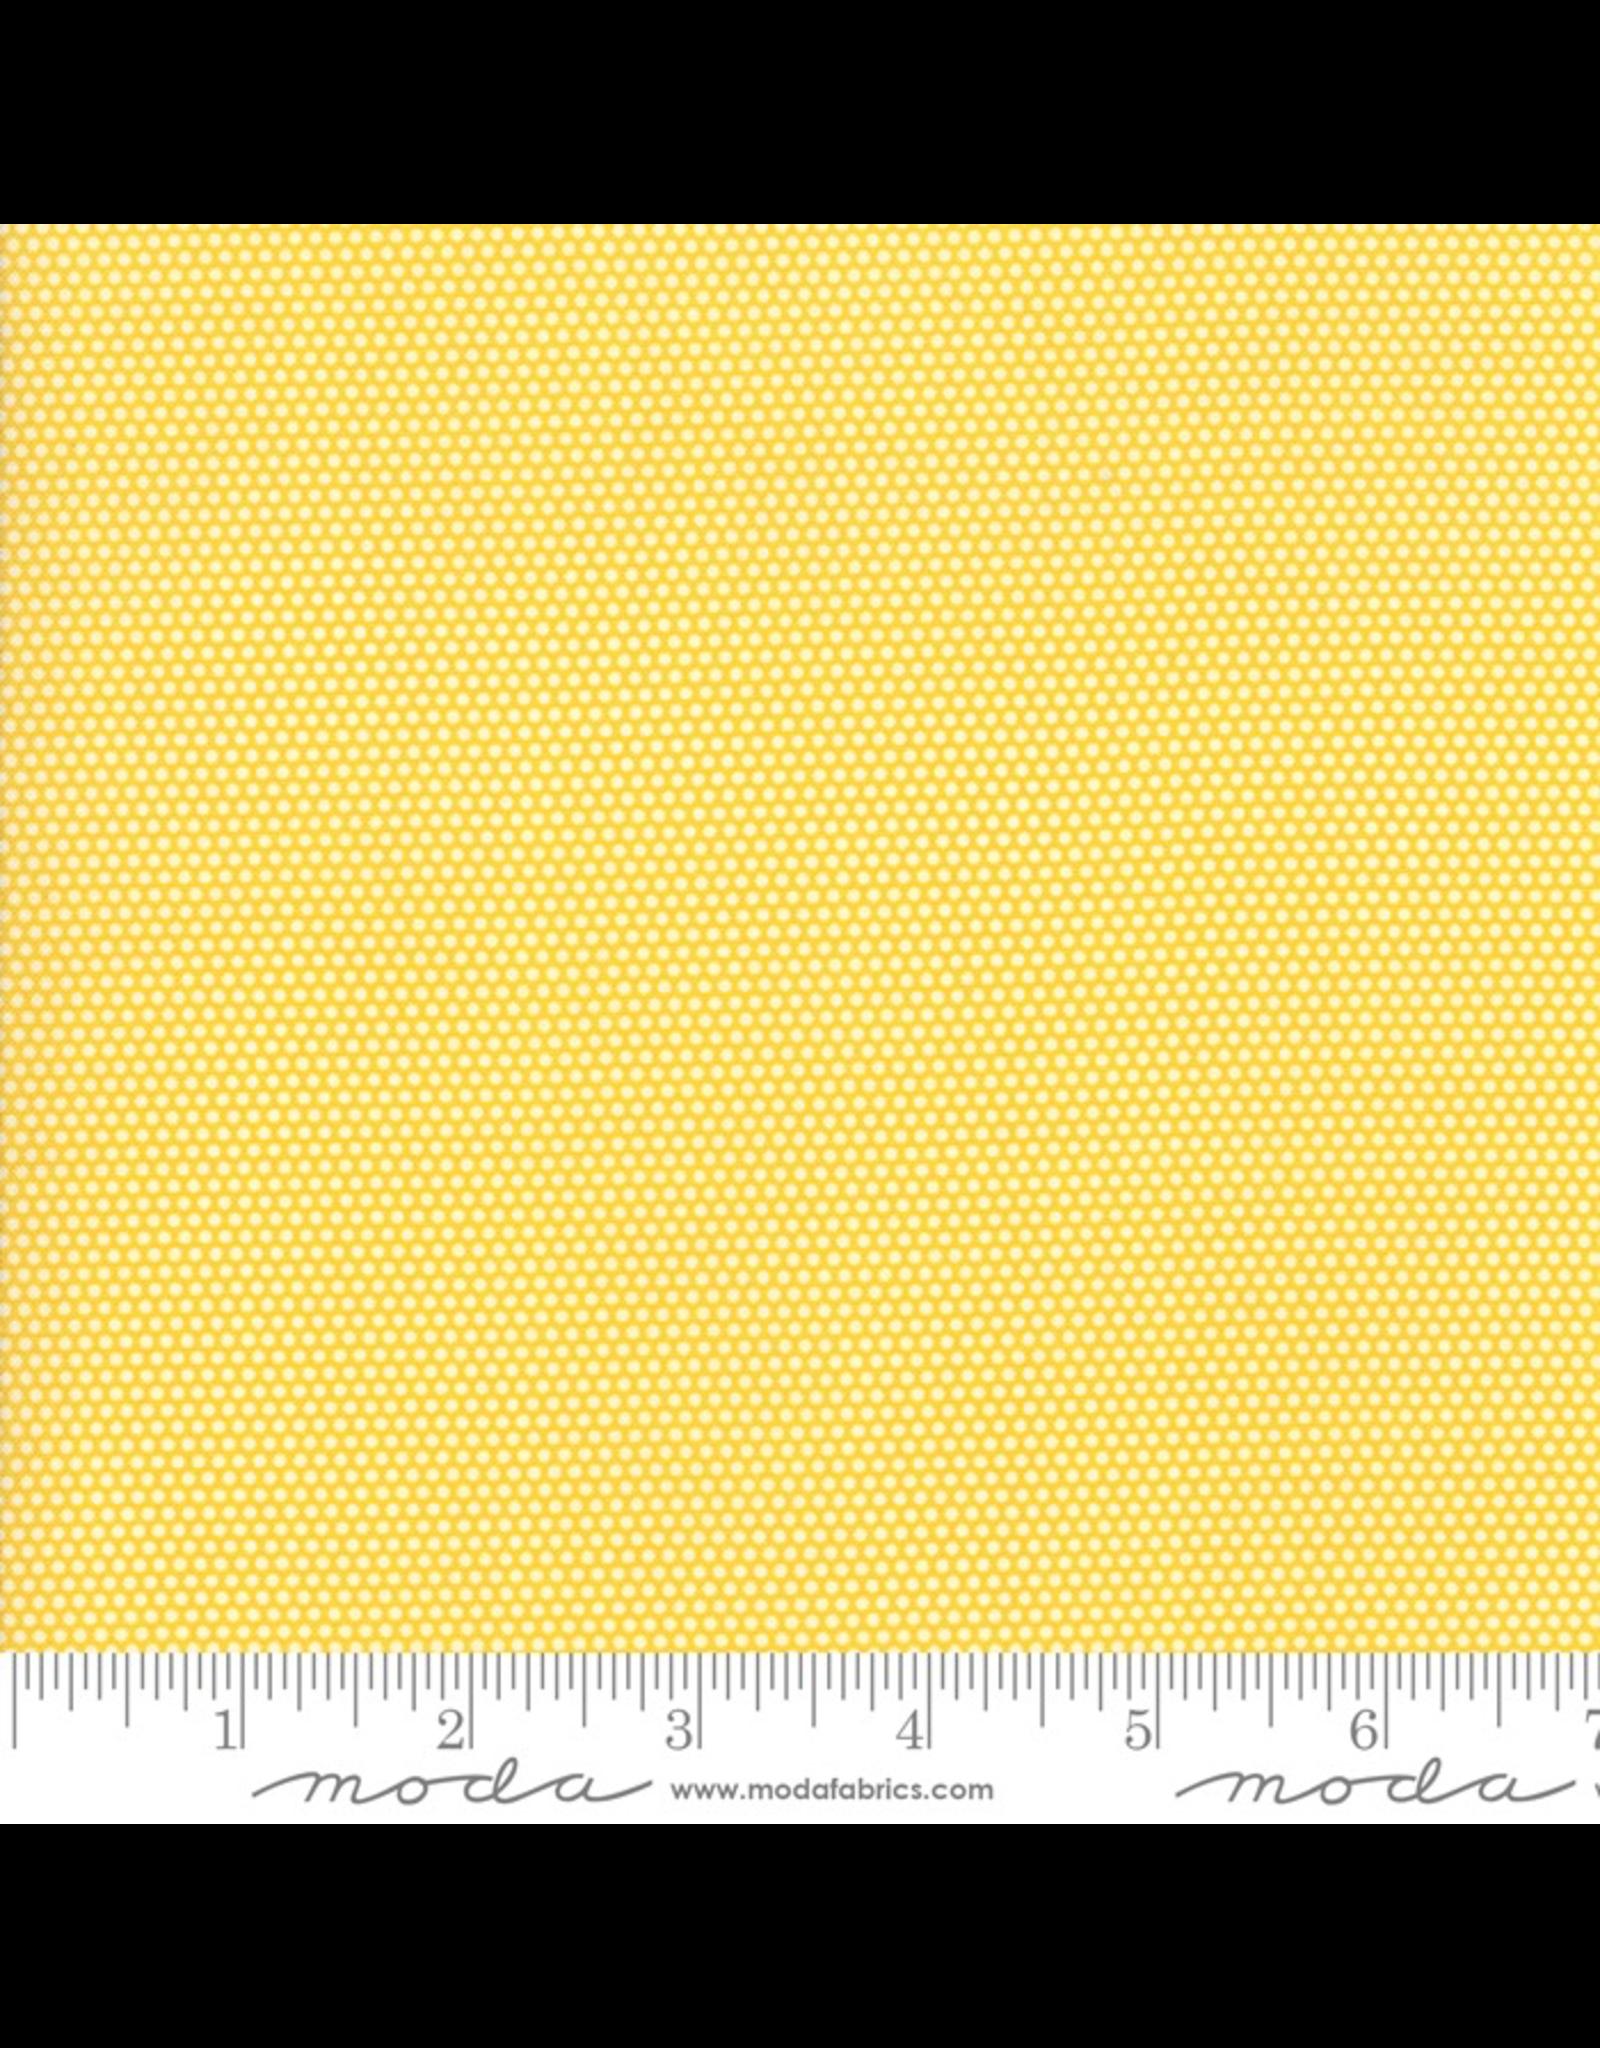 Moda Micro Dot in Yellow